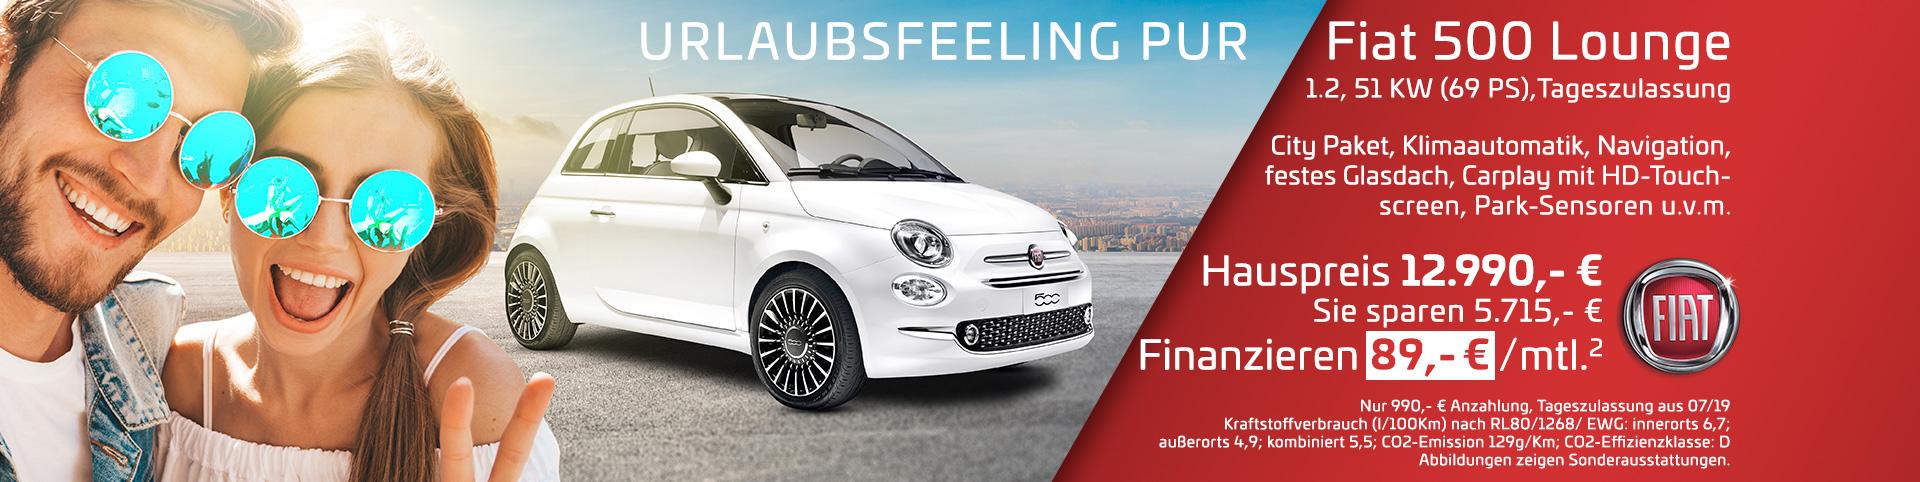 Fiat 500 Lounge für 89 Euro im Monat